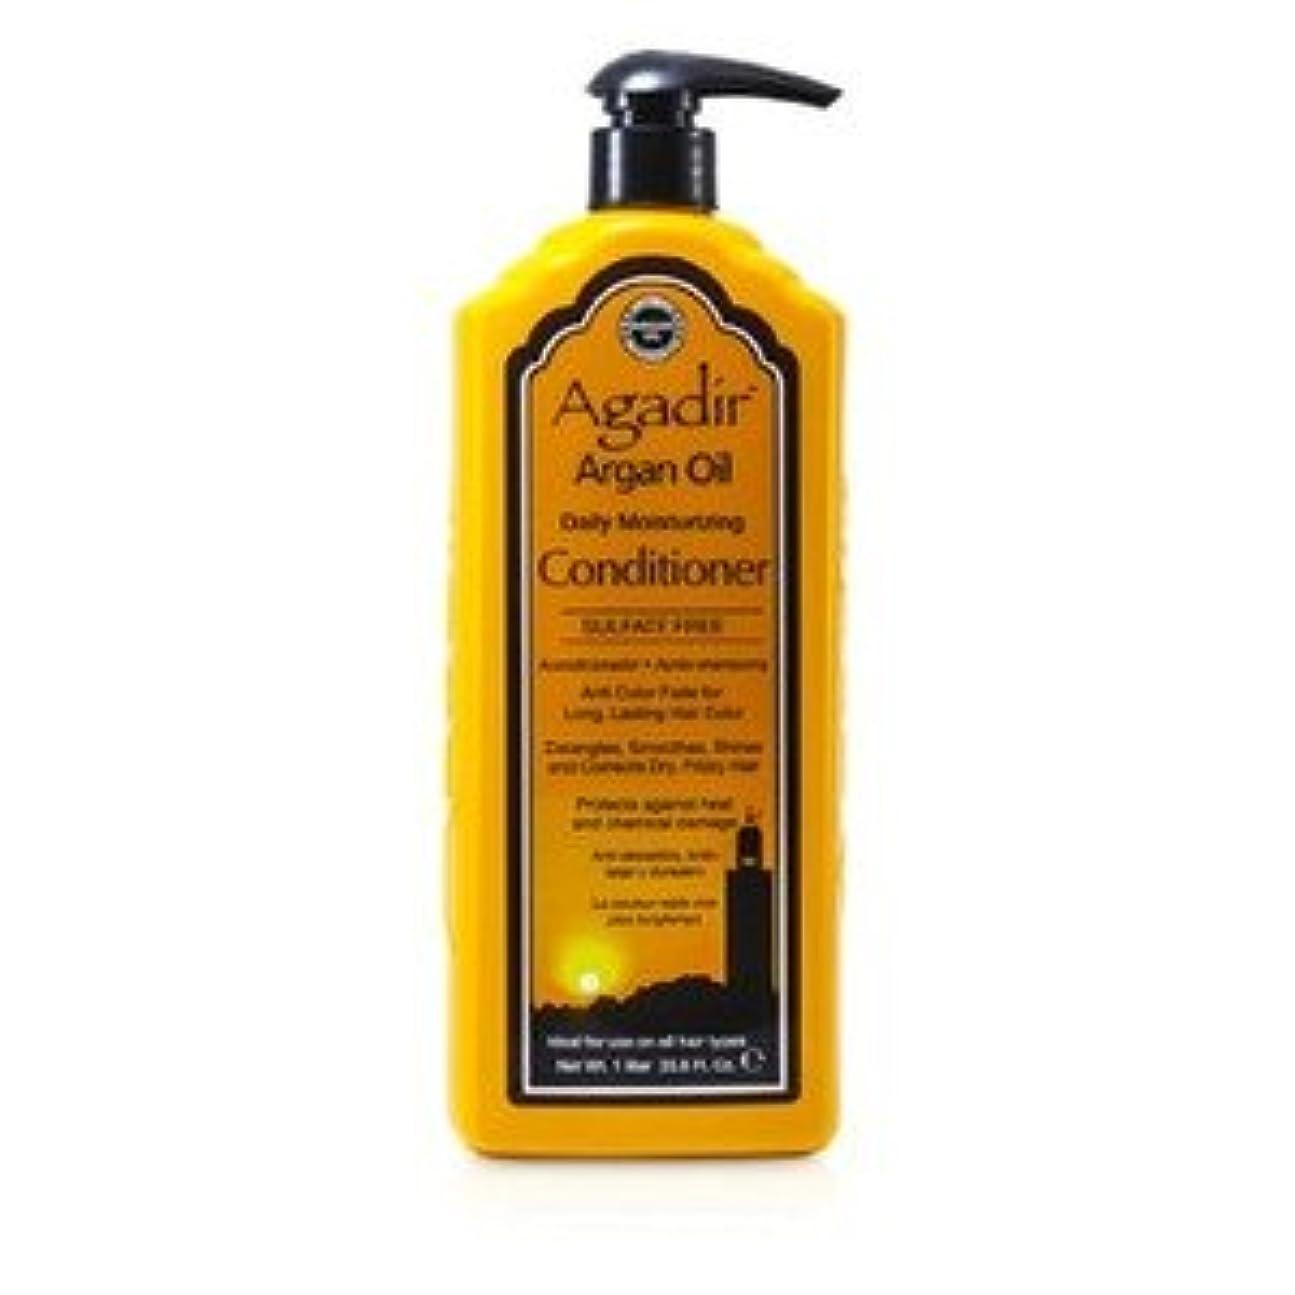 会社チャレンジまたはどちらかアガディール(Agadir) デイリー モイスチャライジング コンディショナー(全ての髪質へ) 1000ml/33.8oz [並行輸入品]